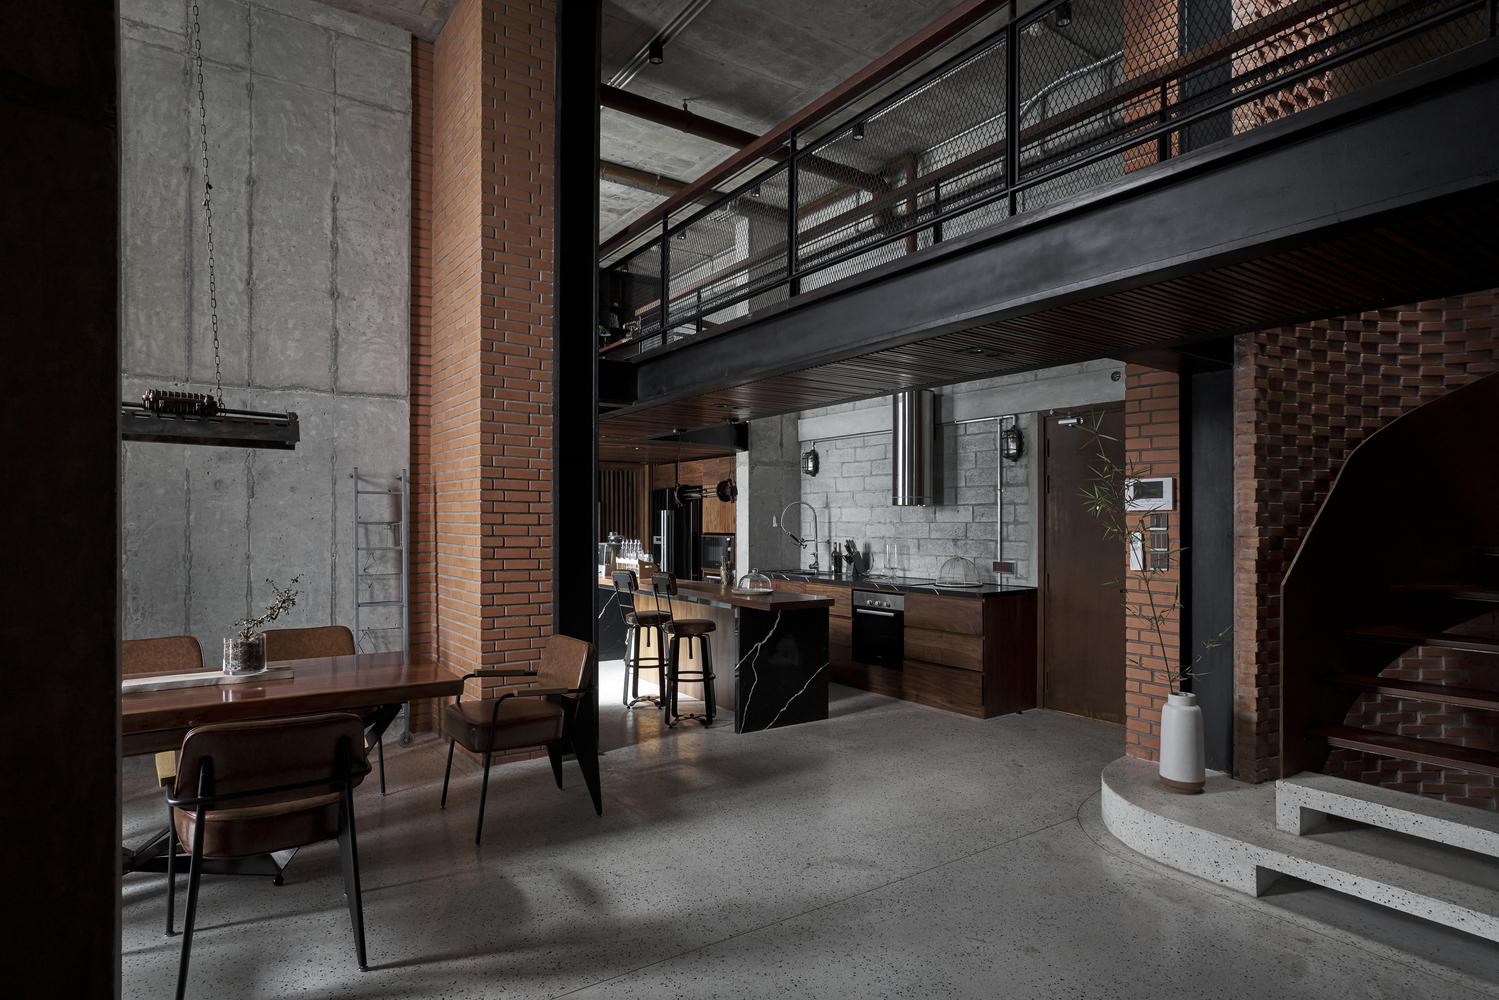 Việc cải tạo thêm gác lửng không gặp nhiều trở ngại nhờ căn hộ có trần khá cao và thoáng.